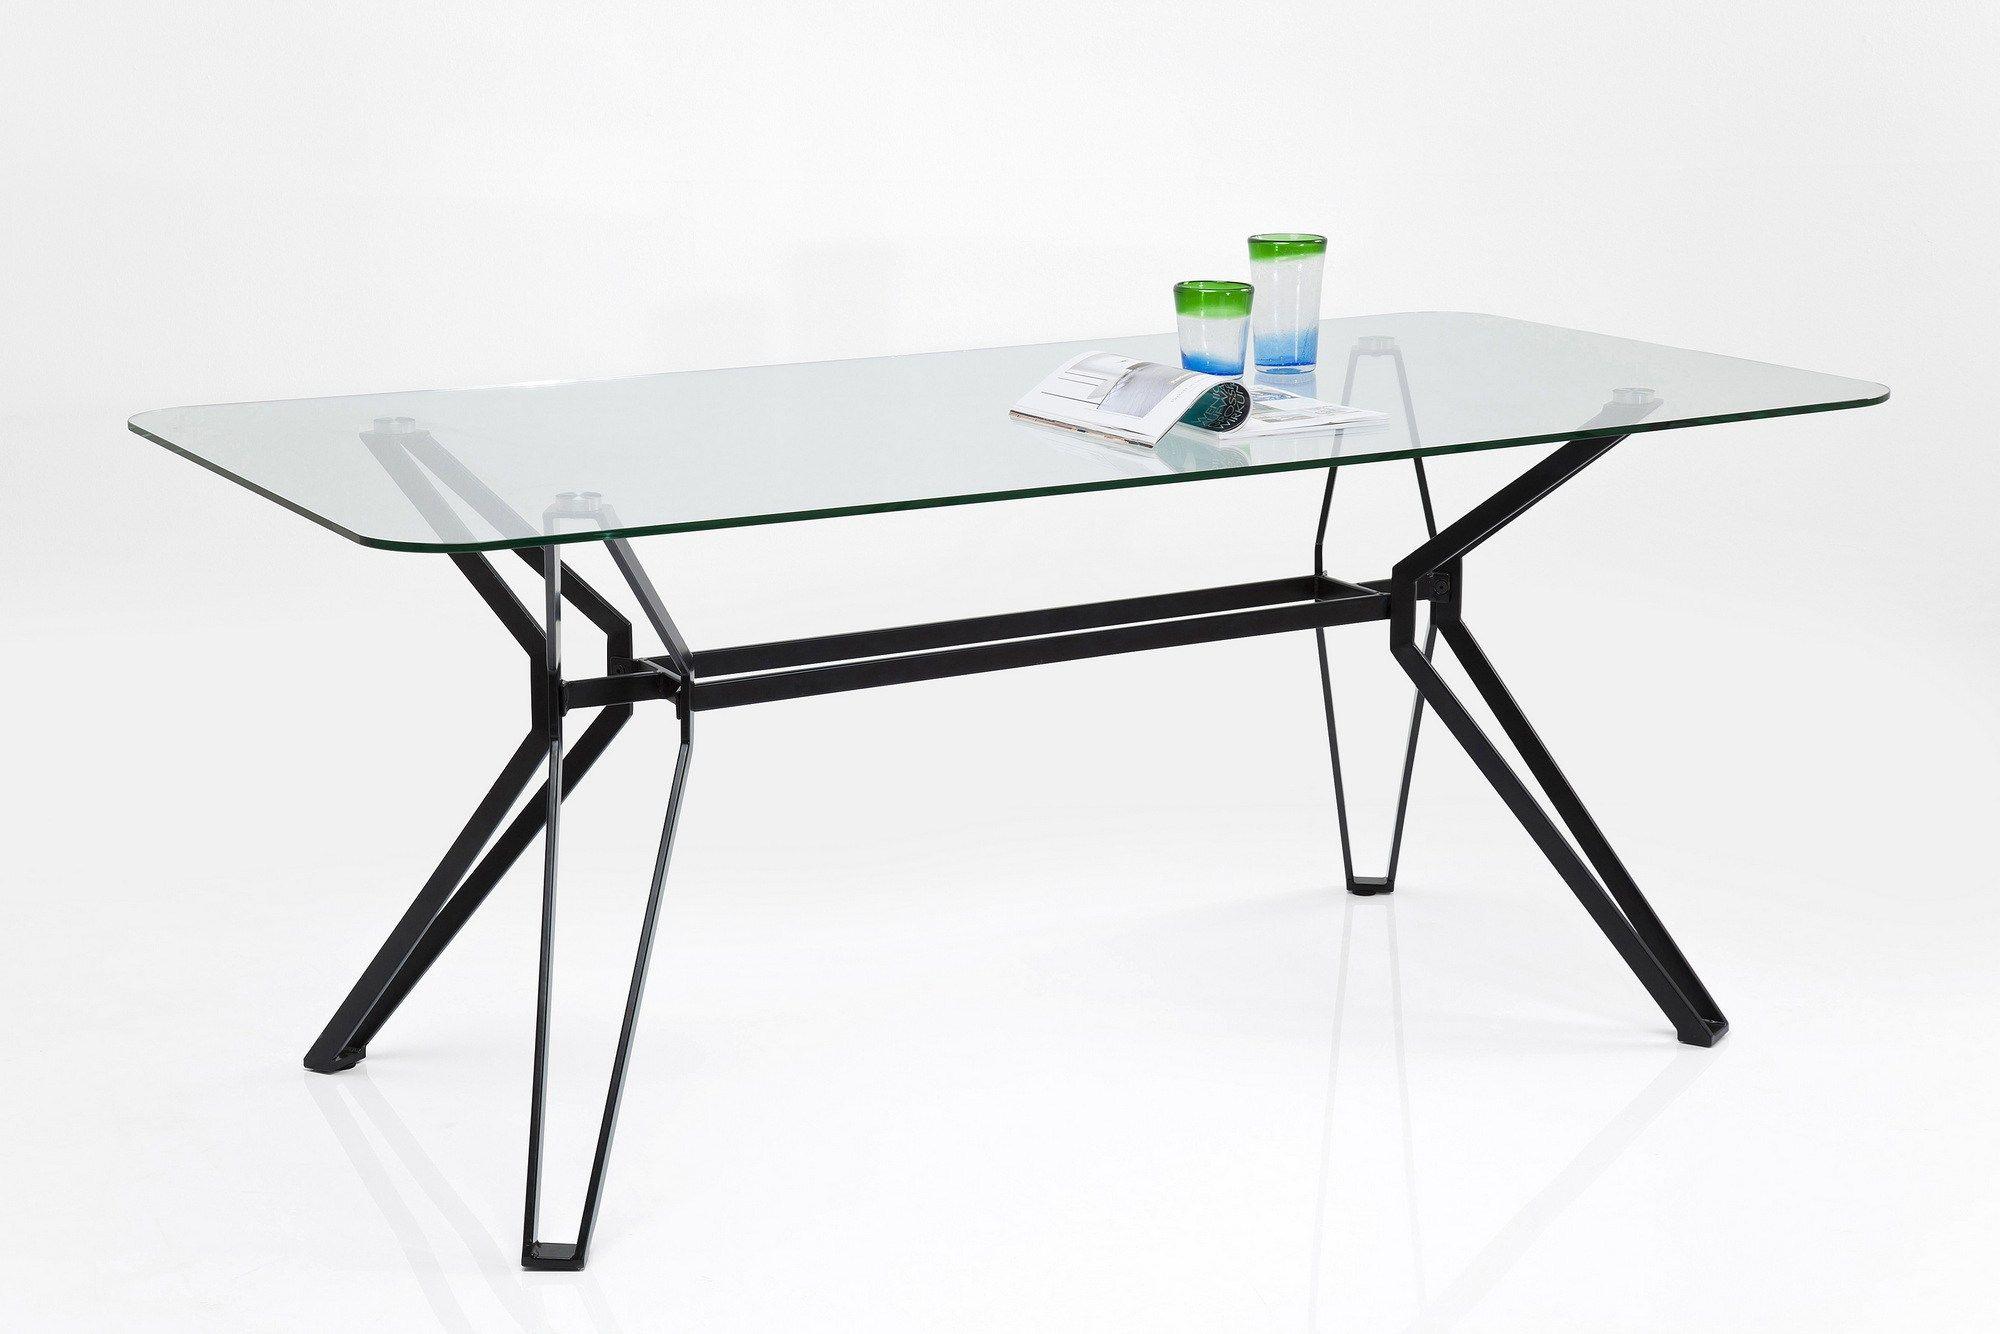 Tavolo rettangolare in acciaio e vetro garbo by kare design for Tavolo rettangolare design